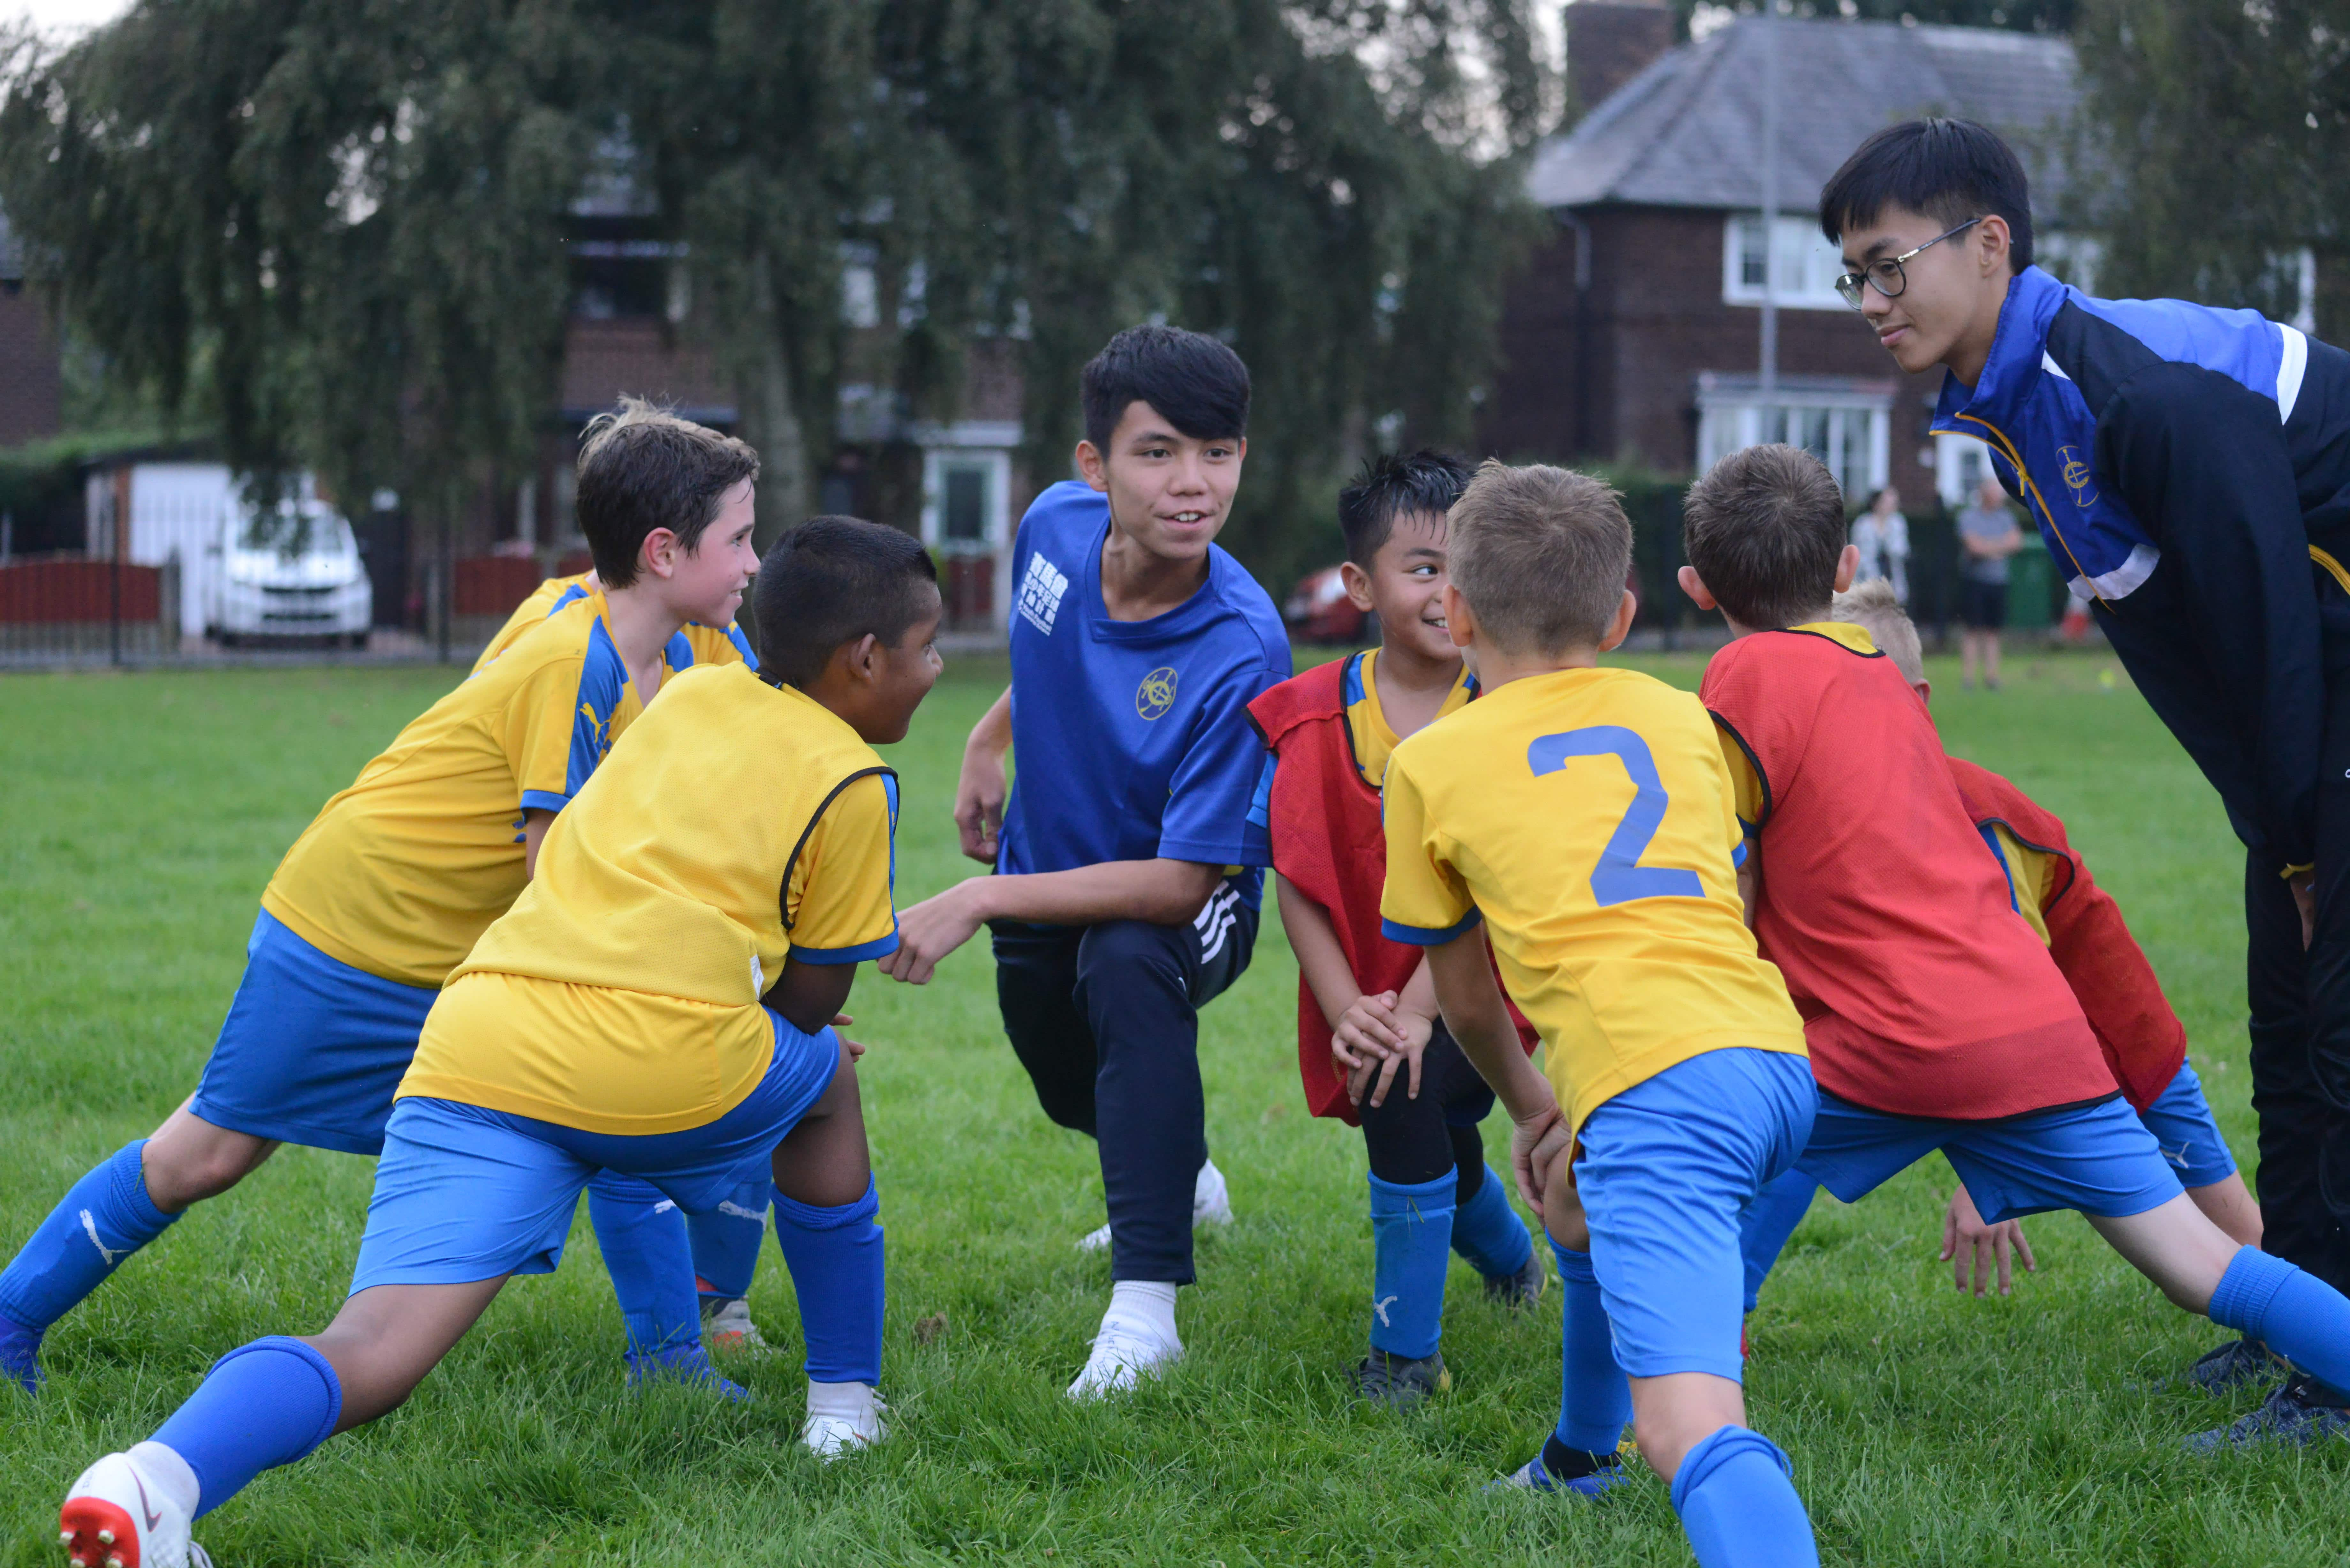 除了在曼市出任球僮工作,小領袖亦擔任義教,帶領當地小球員訓練。馮梓健攝